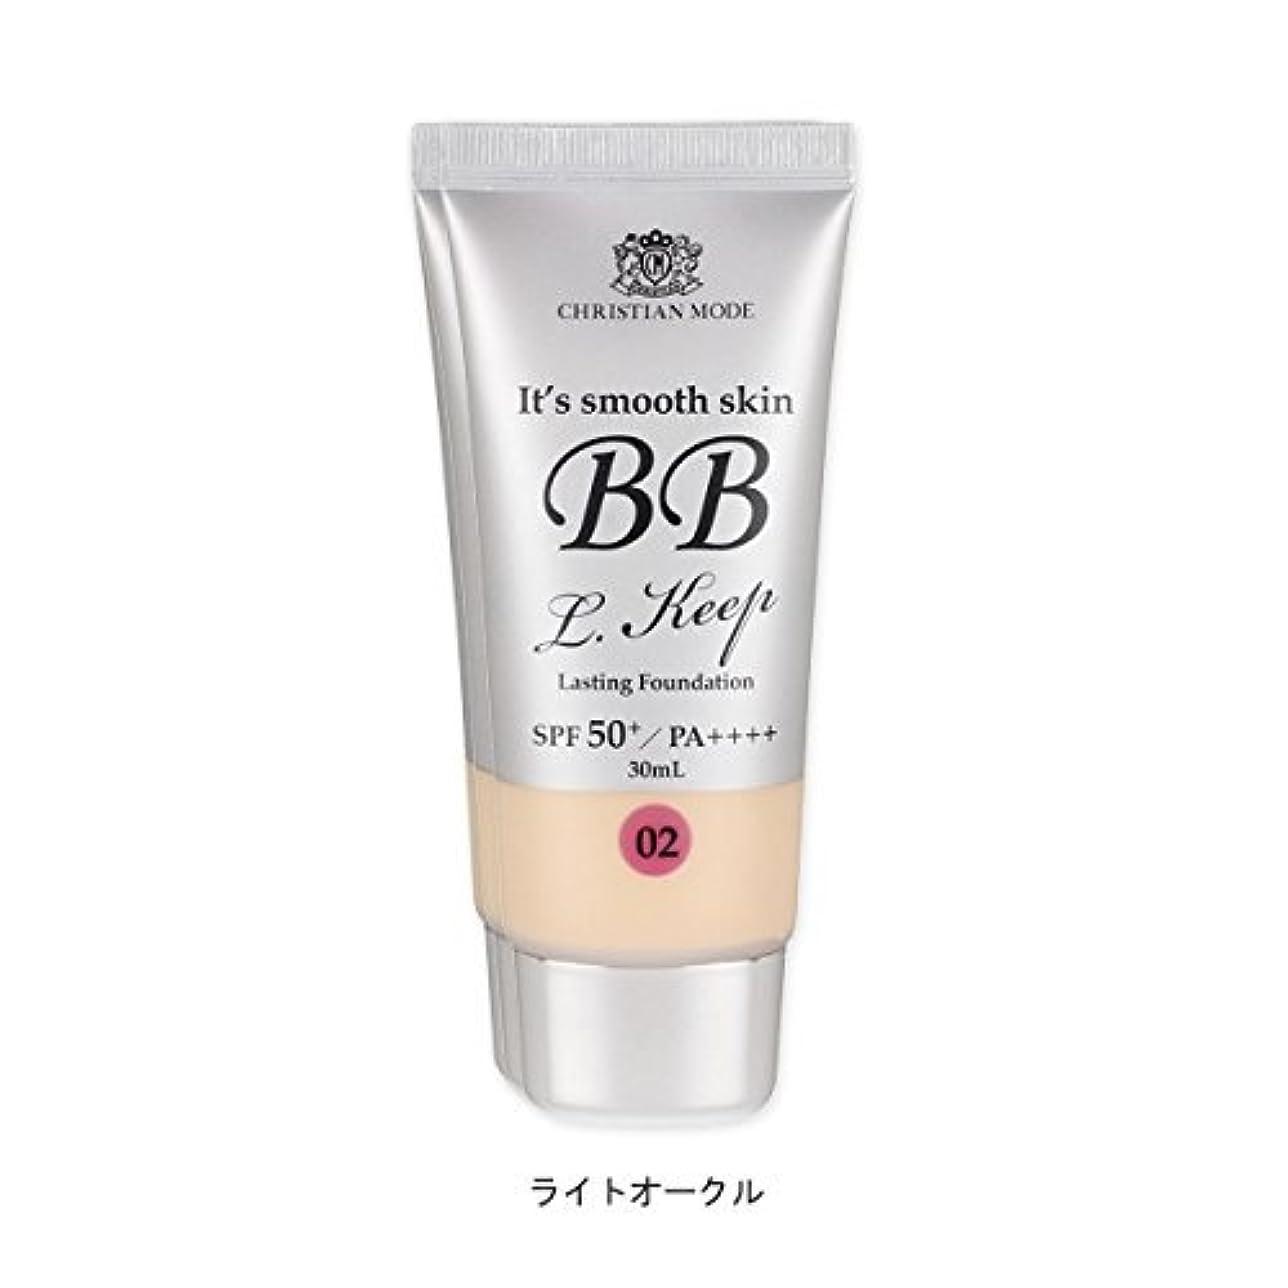 アナウンサー忠誠珍味クリスチャンモード Lキープ BB ラスティングファンデーション SPF50+ PA++++(ライトオークル)